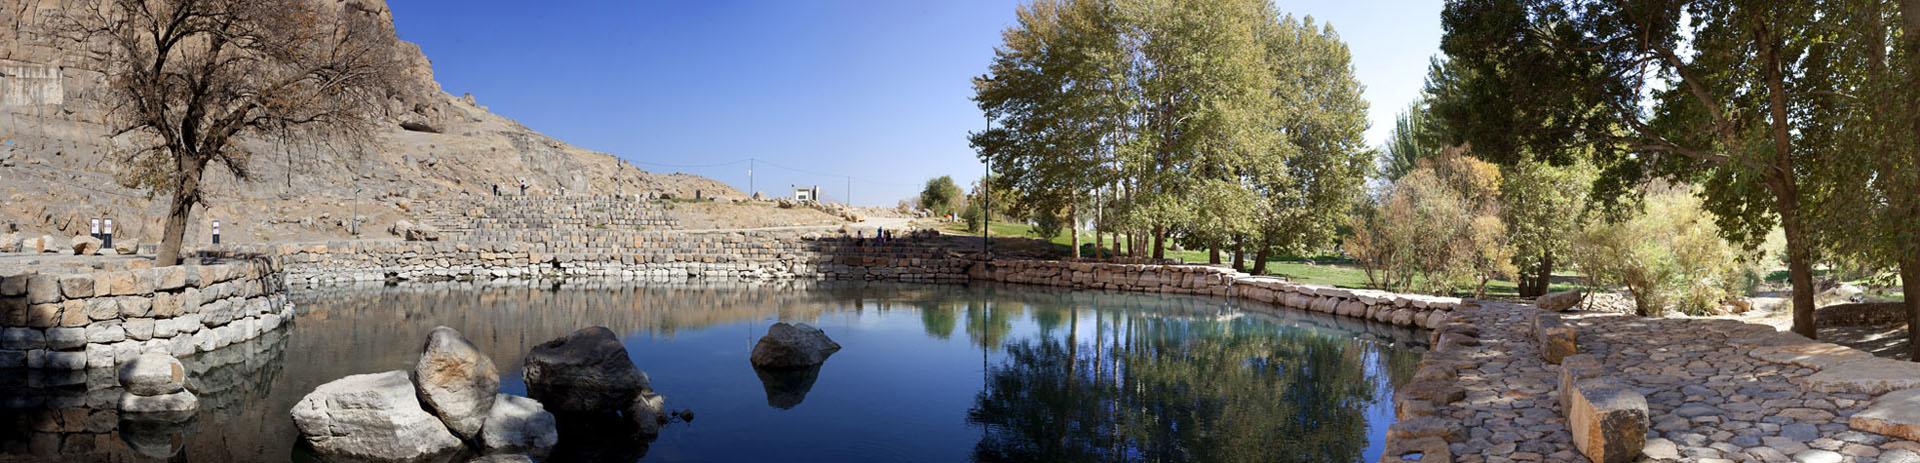 Headwater of Bisotun-Kermanshah Province